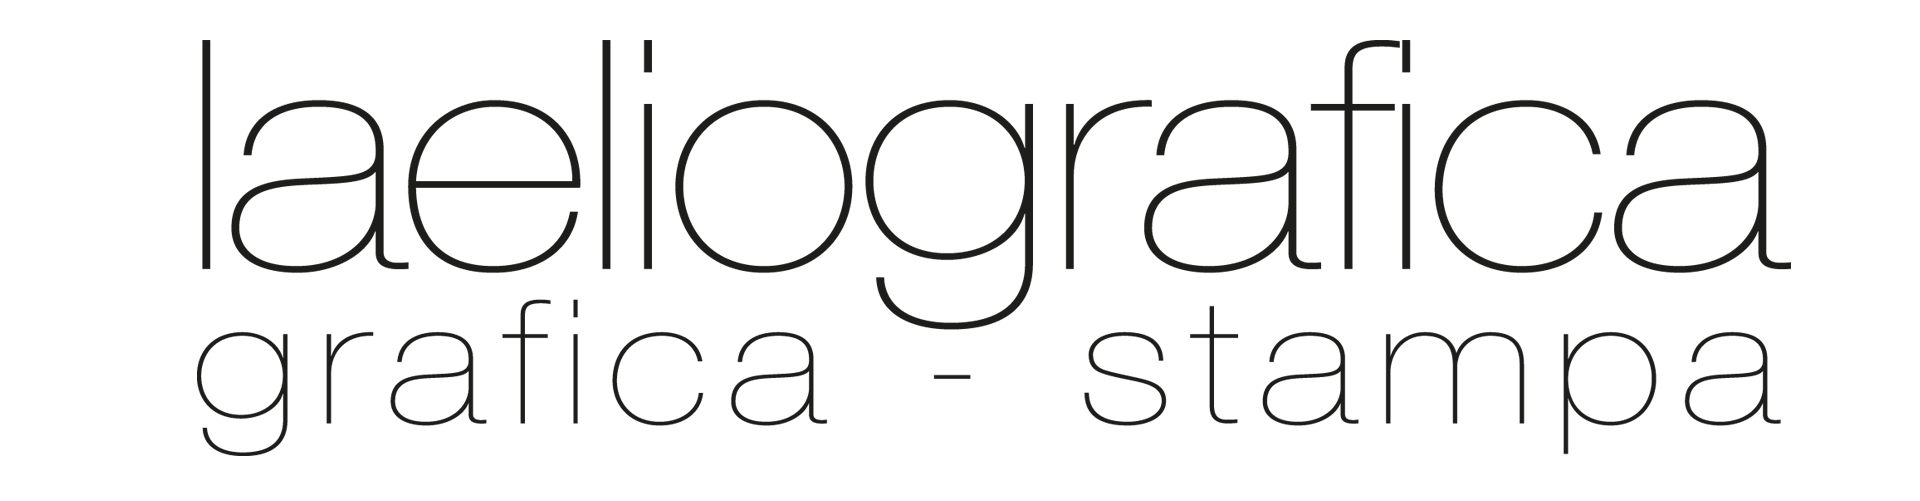 La eliografica - grafica e stampa ad Orbassano - Torino